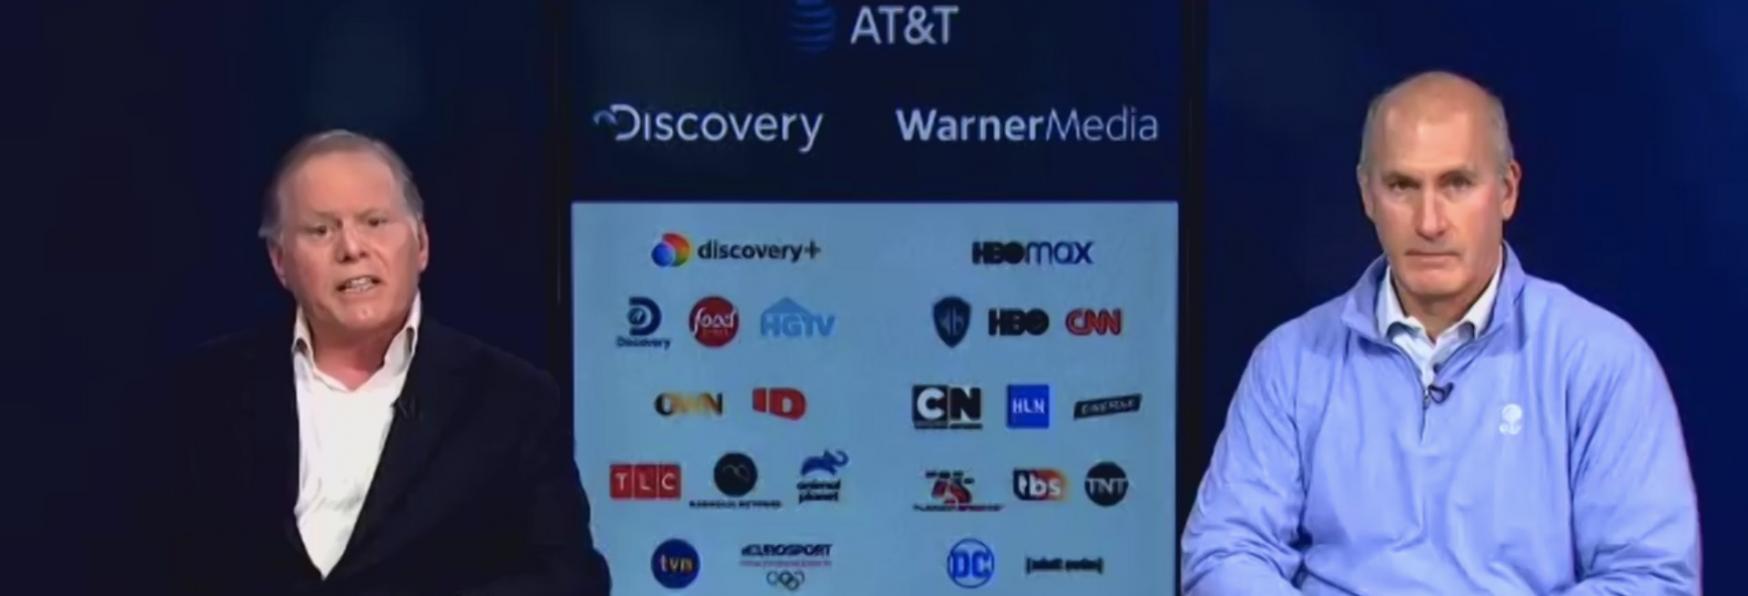 WarnerMedia e Discovery uniti per dar vita a una nuova Piattaforma di Streaming